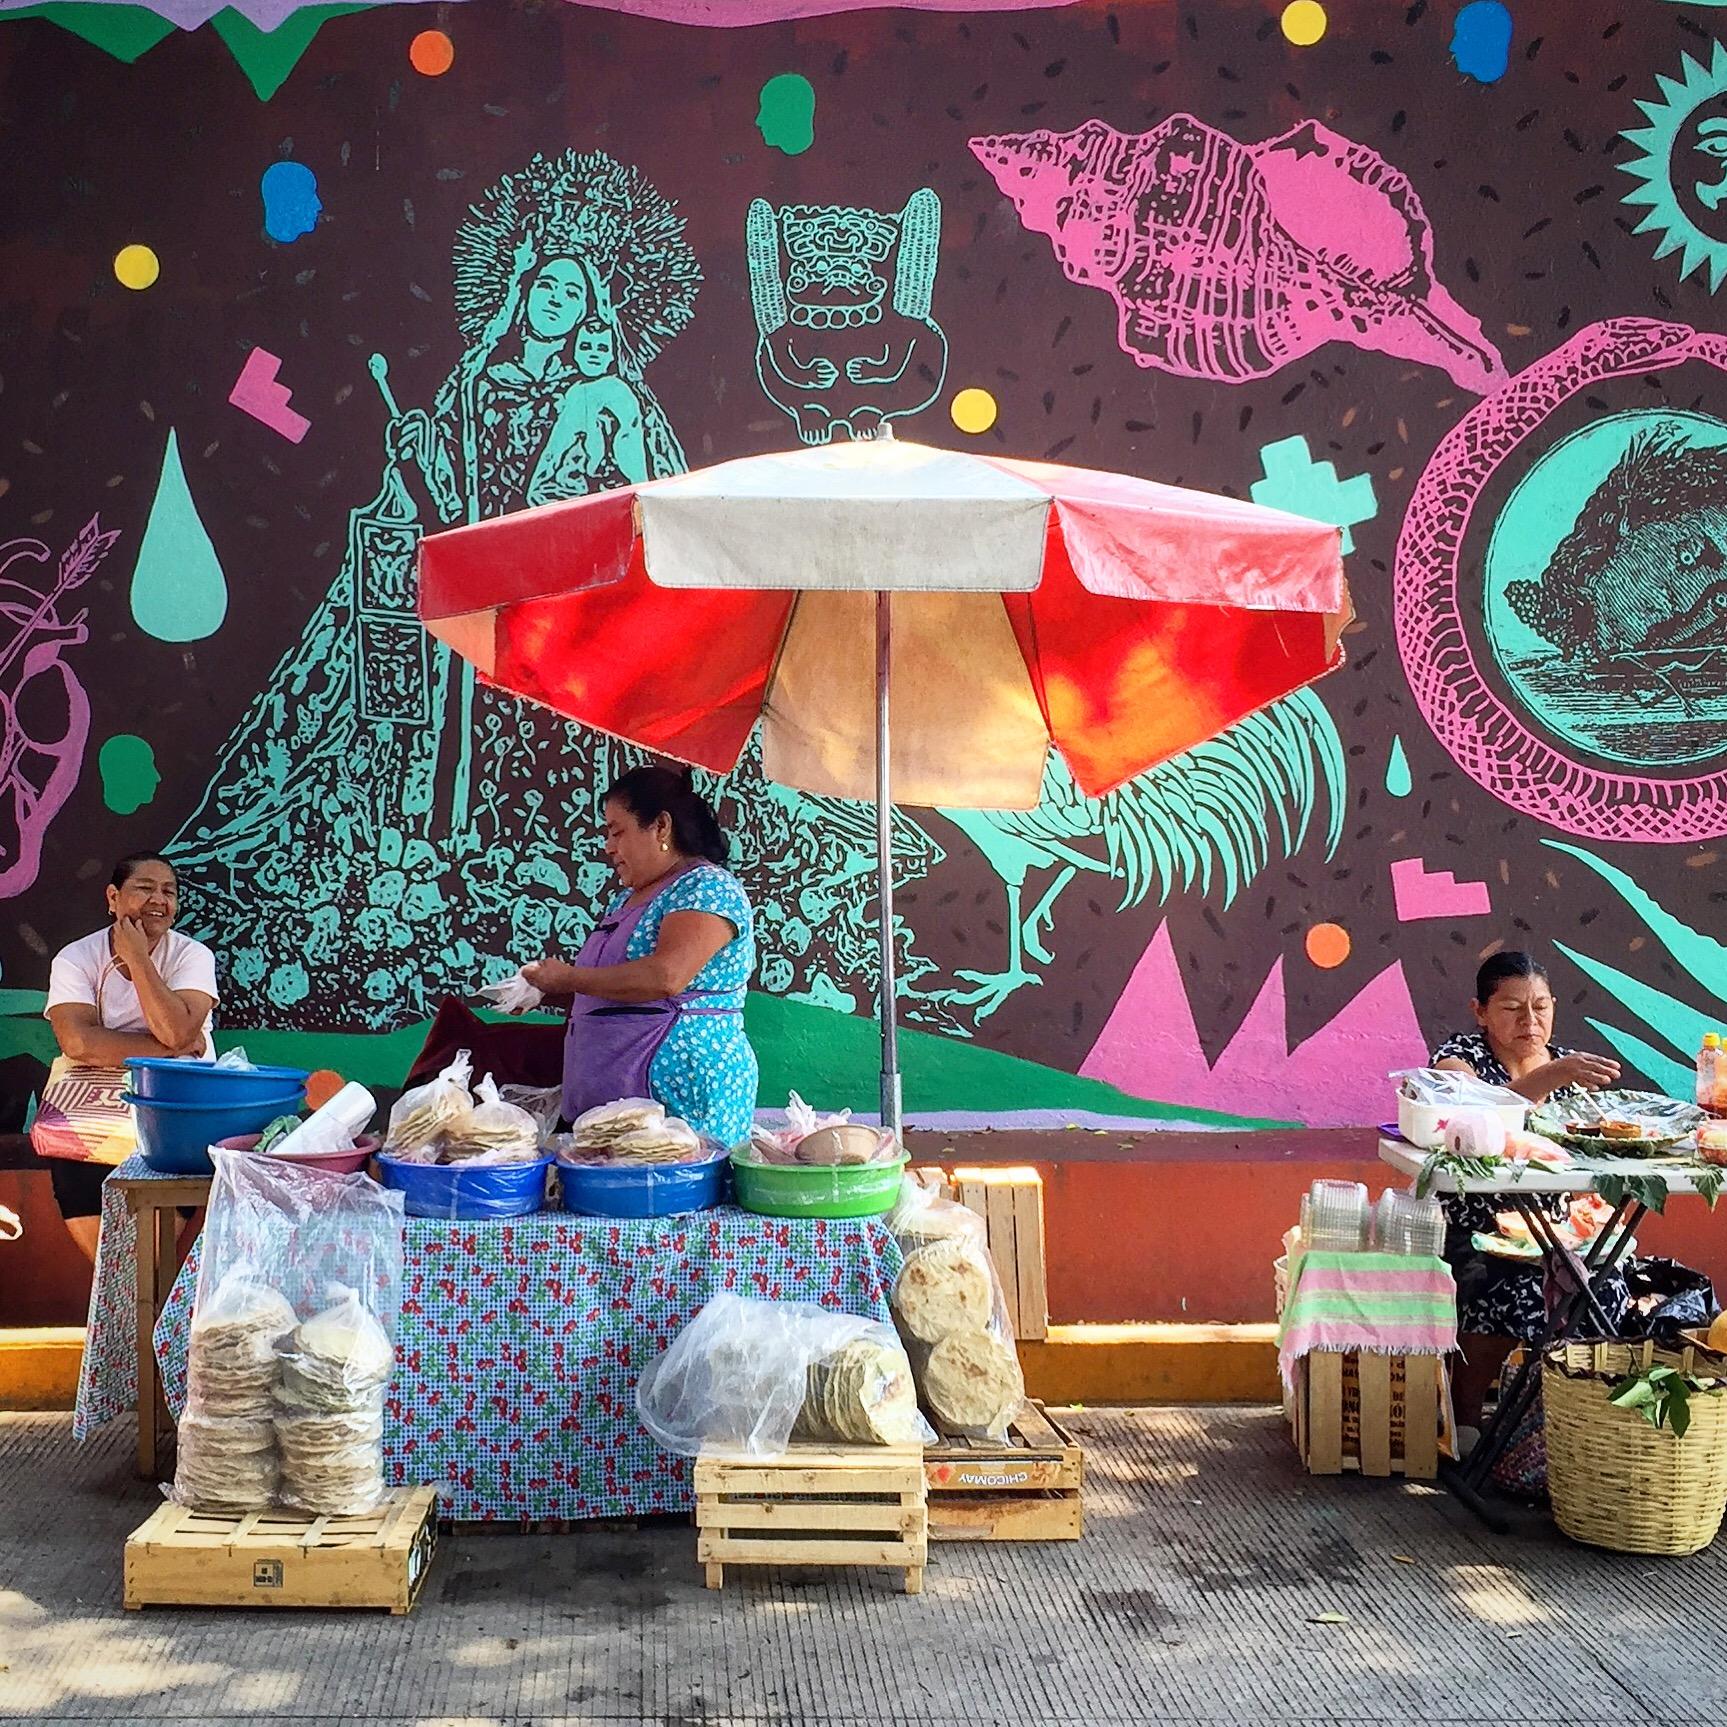 MEXICO SOSTENIBLE - MUJER Y VIAJERA - VIAJAR SOLA - VIAJES PARA MUJERES31